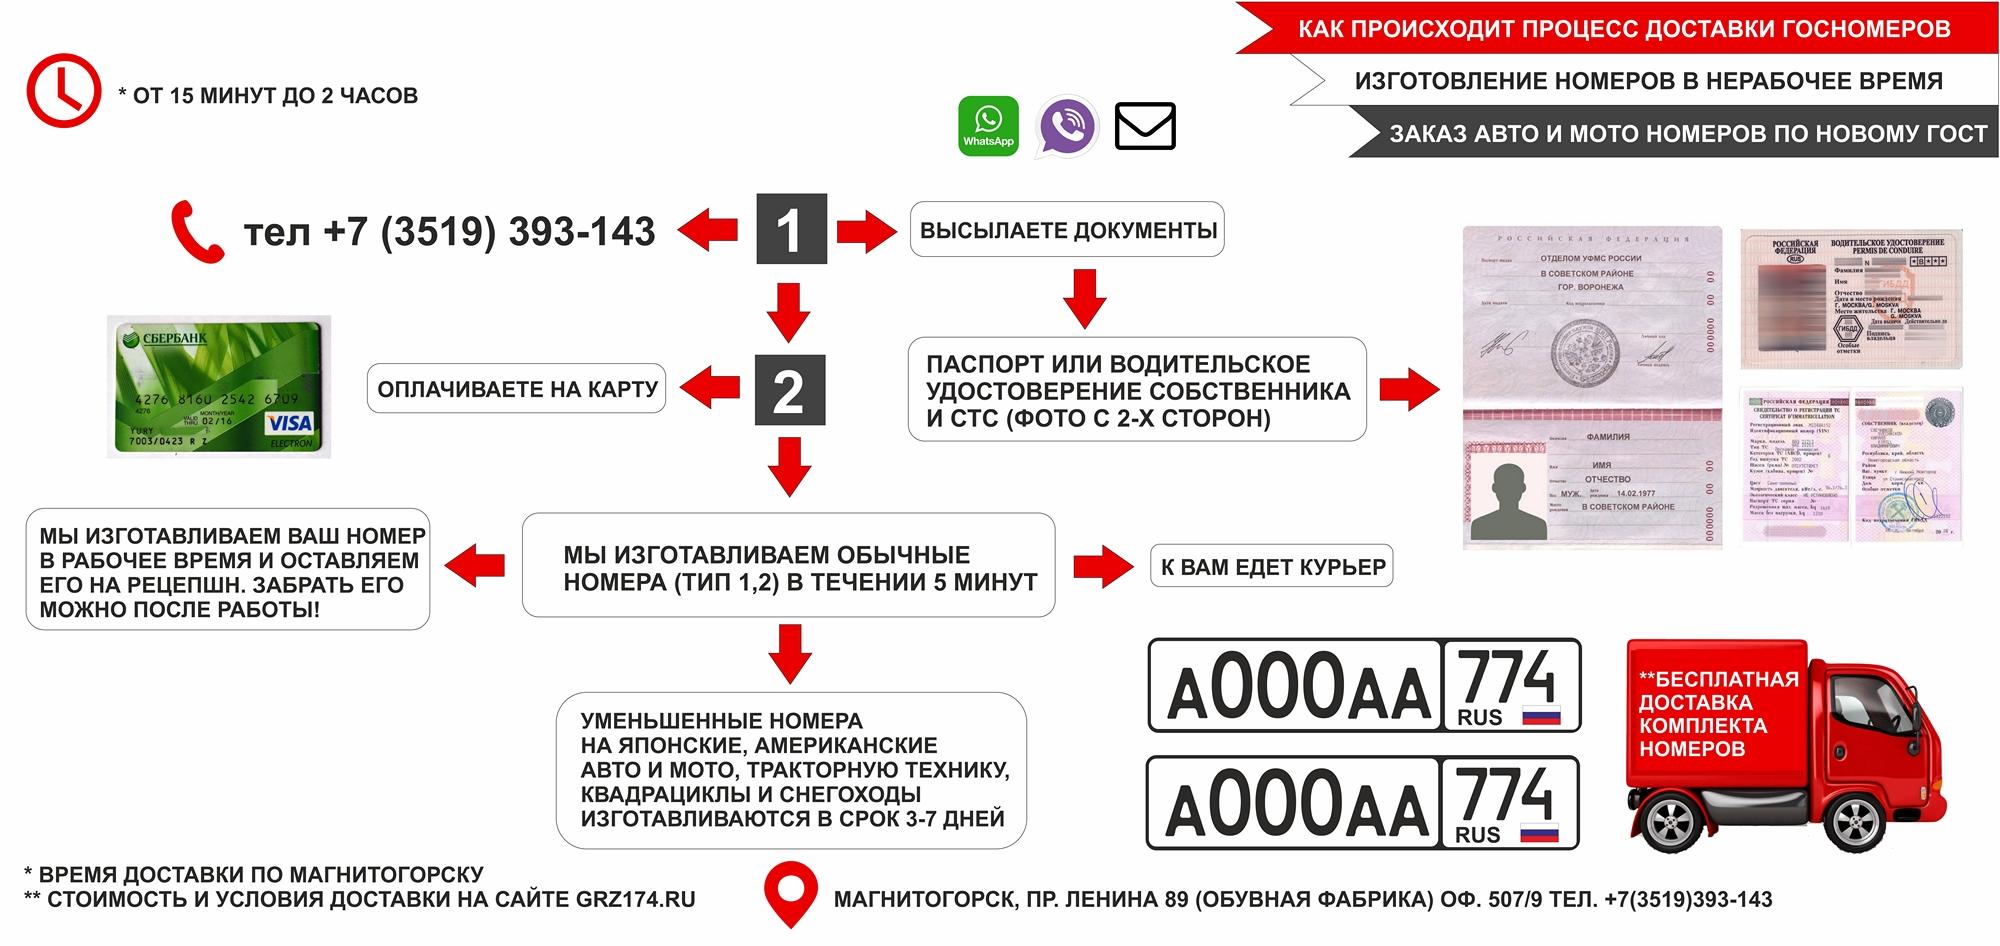 Доставка дубликатов гос номеров в Магнитогорске